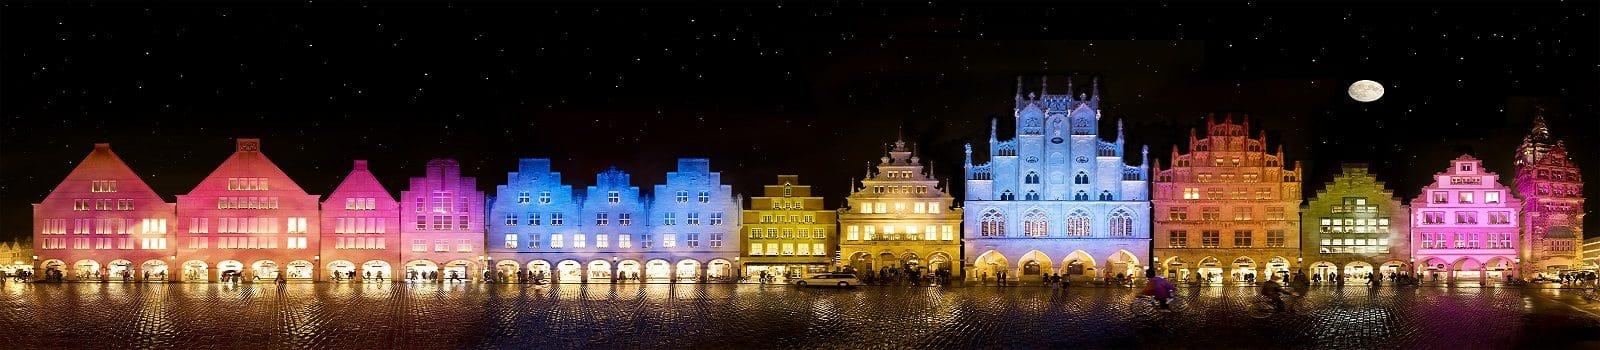 Skyline der Innenstadt Münster mit Blick auf den bunt beleuchteten Prinzipalmarkt